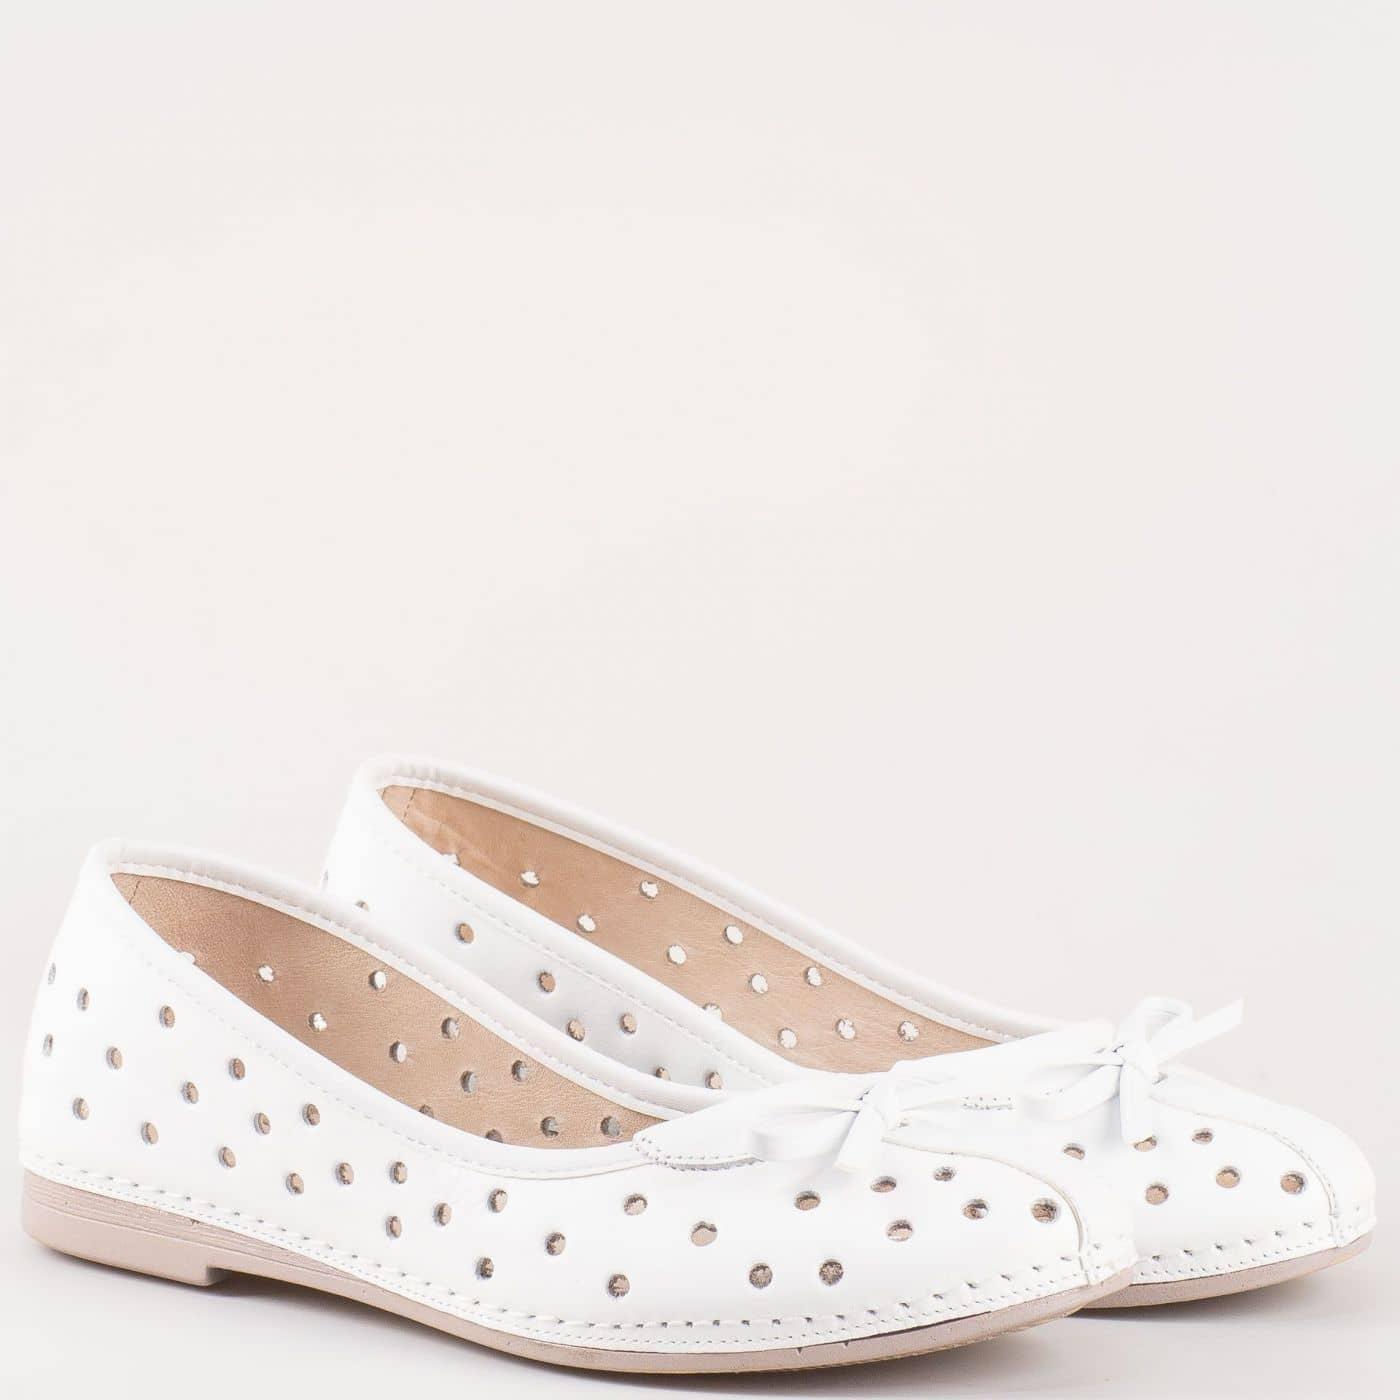 eb086cf2510 Равни дамски обувки с перфорация, тип балерини в бяло от естествена кожа  изцяло- Karyoka k1140b - Sisi-bg.com